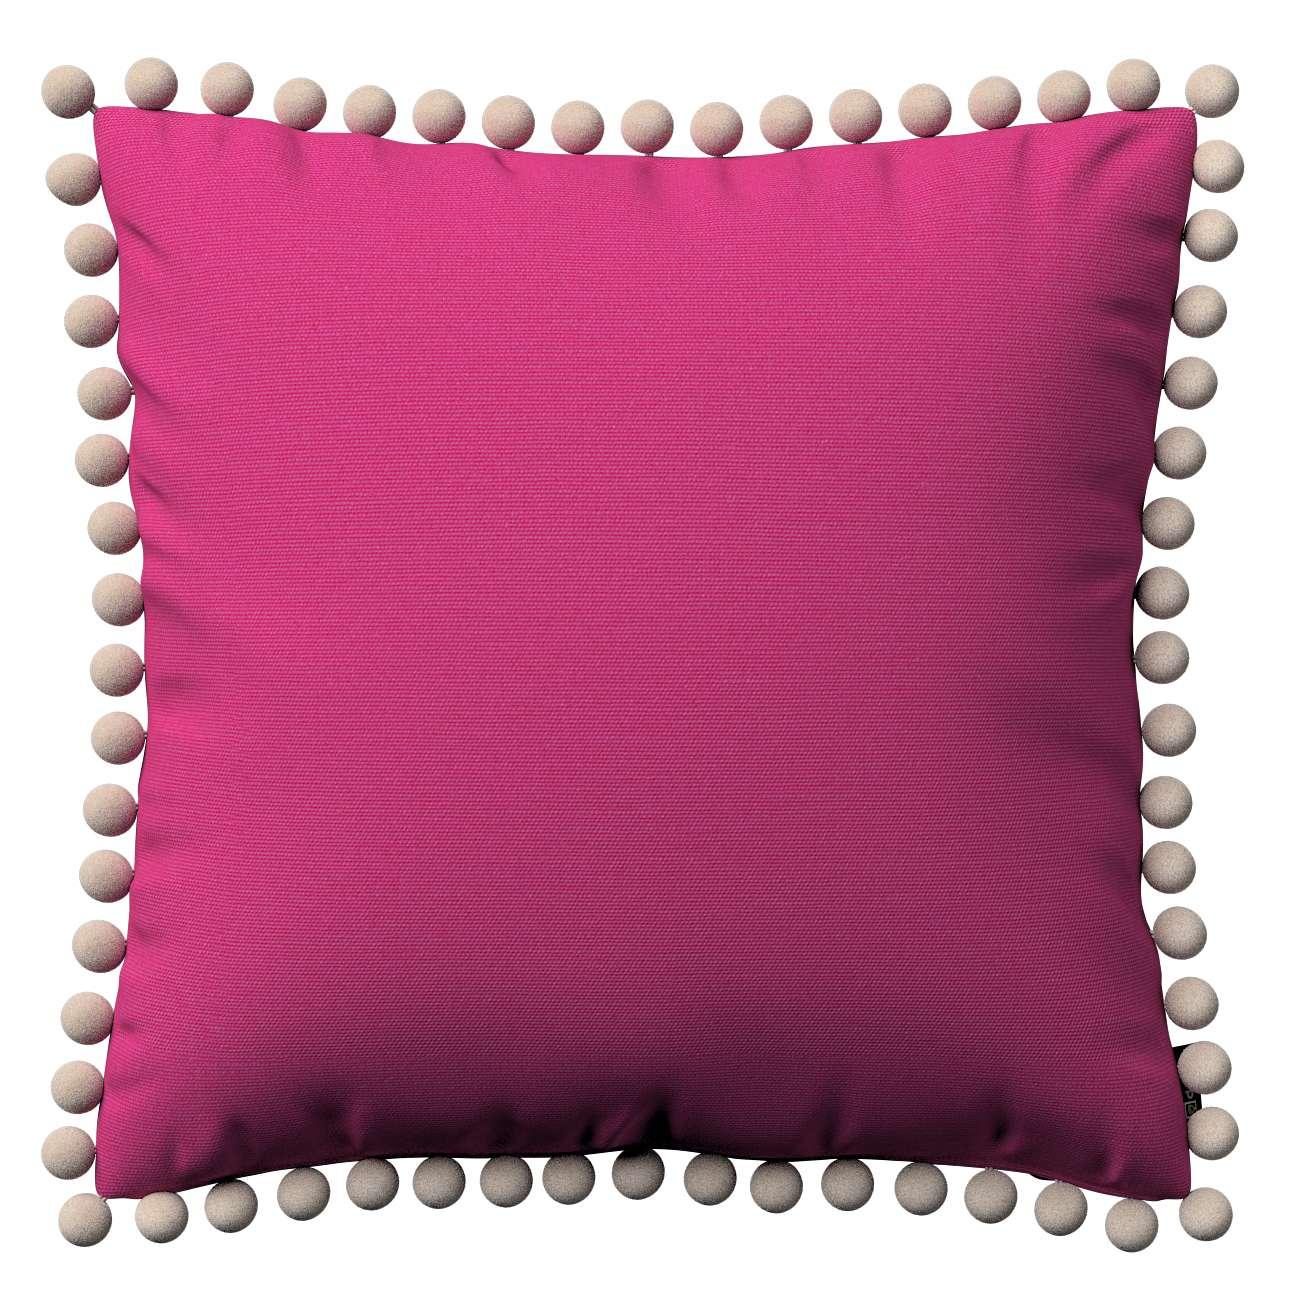 Wera dekoratyvinės pagalvėlės su žaismingais kraštais 45 x 45 cm kolekcijoje Loneta , audinys: 133-60